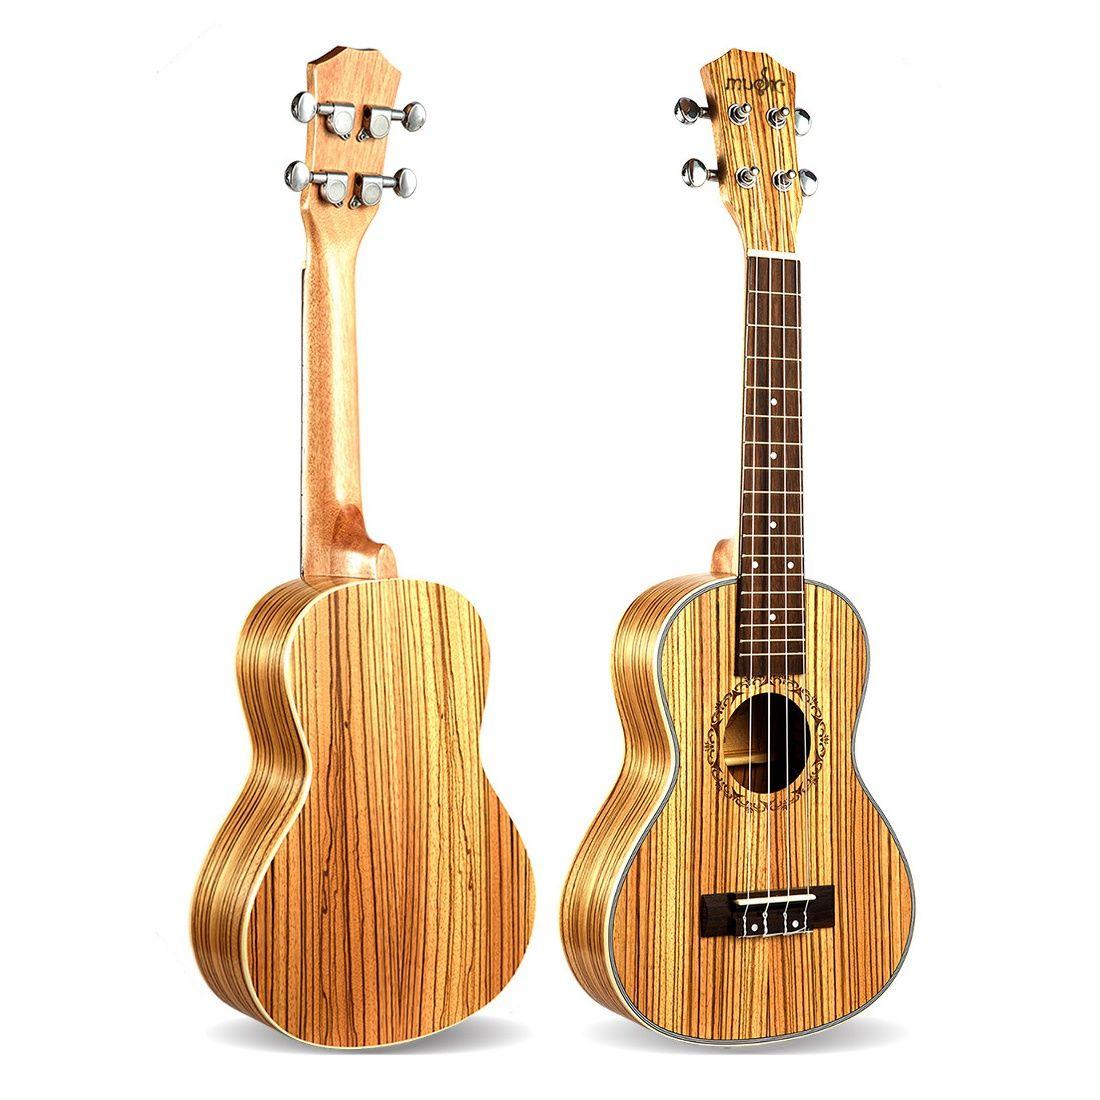 Konzert Ukulele 23 zoll 4 Saiten Hawaiian Mini Gitarre Akustische Gitarre Ukulele guitarra senden geschenke Musical Saiten Instrument